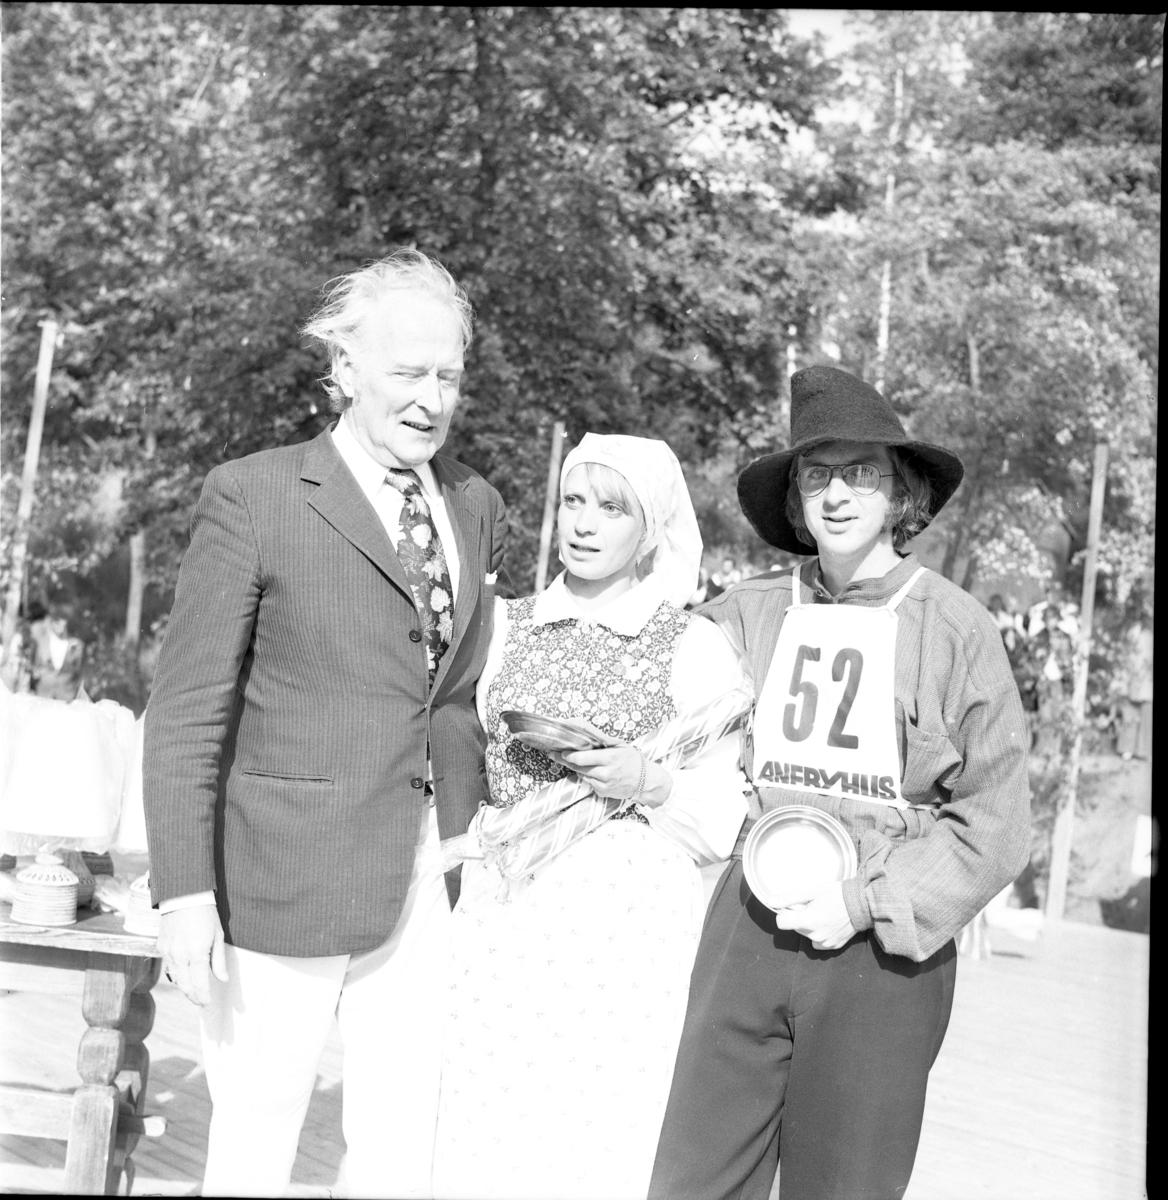 Grännapolkan på Grännaberget, 1975. Danspar nr 52, troligen segrarna Gunnel Johansson och Ola Holmberg från Uppsala intill man som troligen är prisutdelare. Dansparet har tennfat och stor polkagris i famnen.